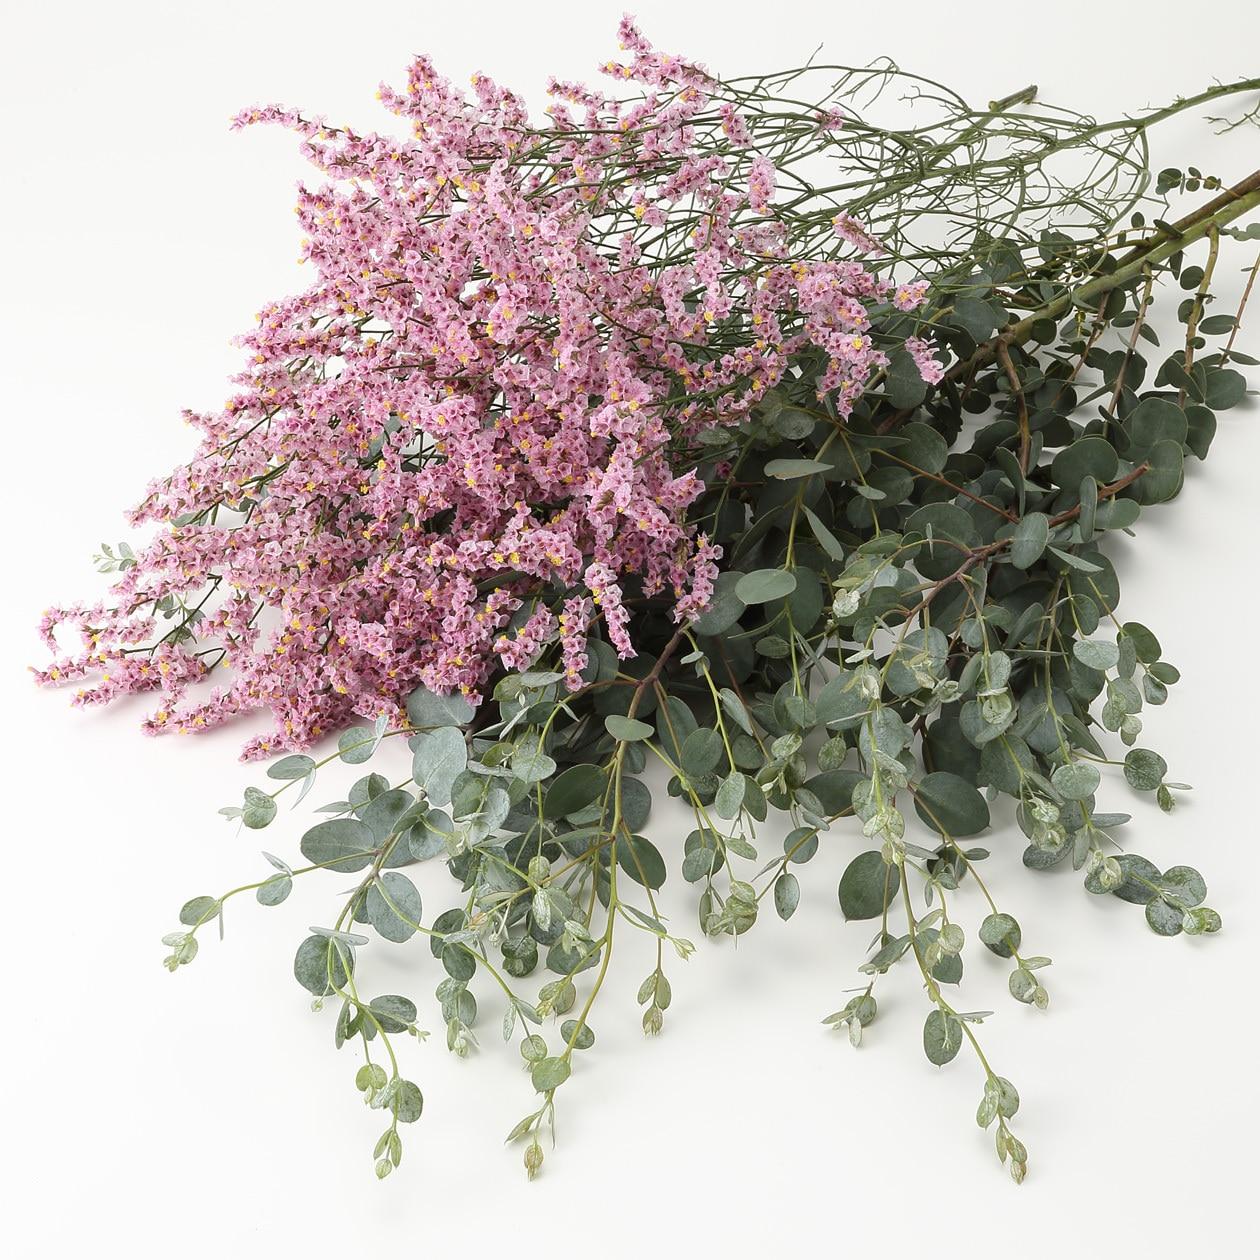 【ネット限定】ドライでも楽しめる枝と花 ユーカリと花